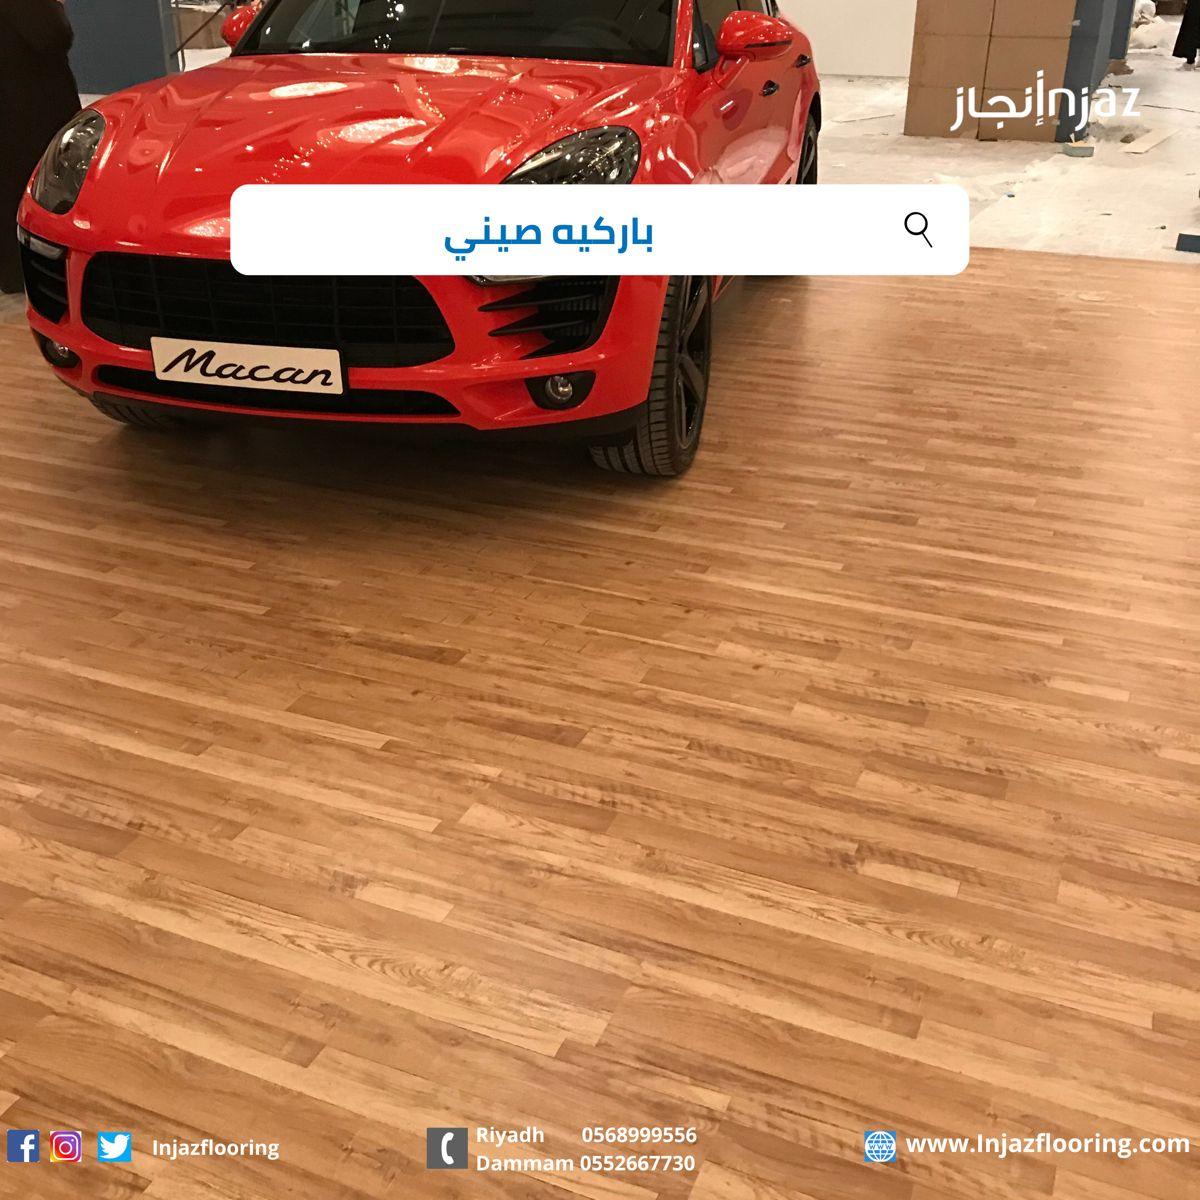 من أعمالنا تركيب باركيه صيني في موقع شركة في برج المملكة Toy Car Sports Car Car